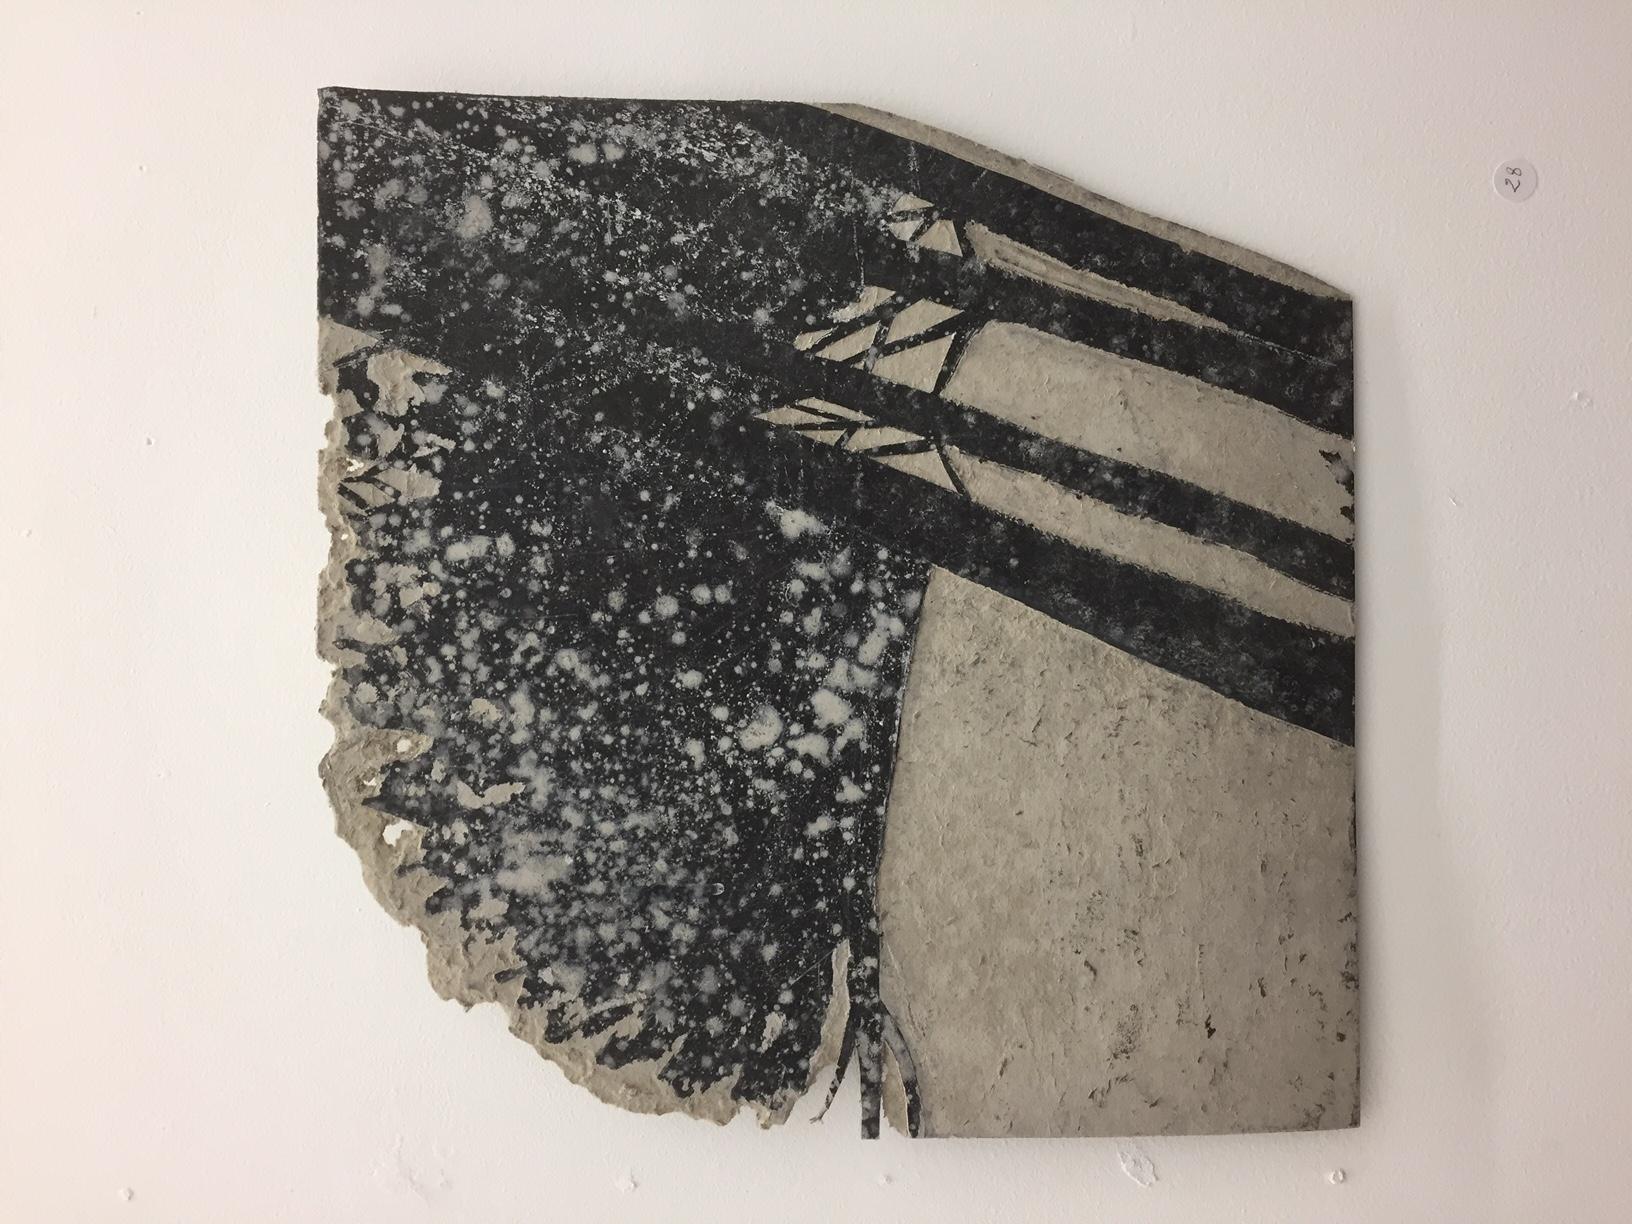 papier kraft et cendresgalerie d'art lyon, art contemporain lyon, galerie Lyon